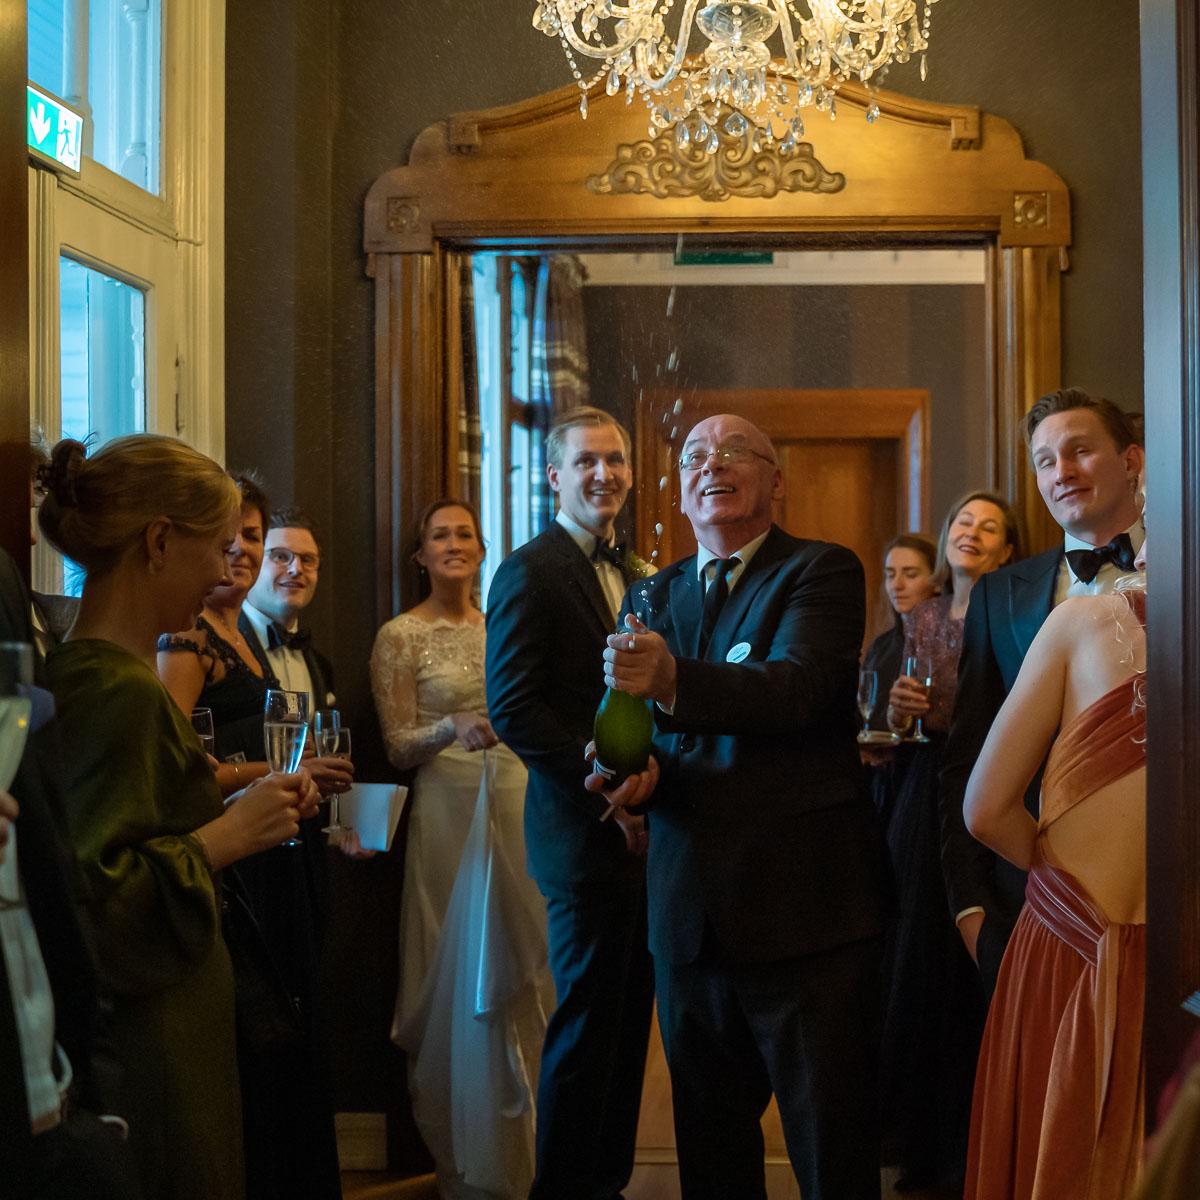 Kyparen öppnar champagneflaskan och korken flyger med gäster och bröllopspar bredvid på bröllopsfest